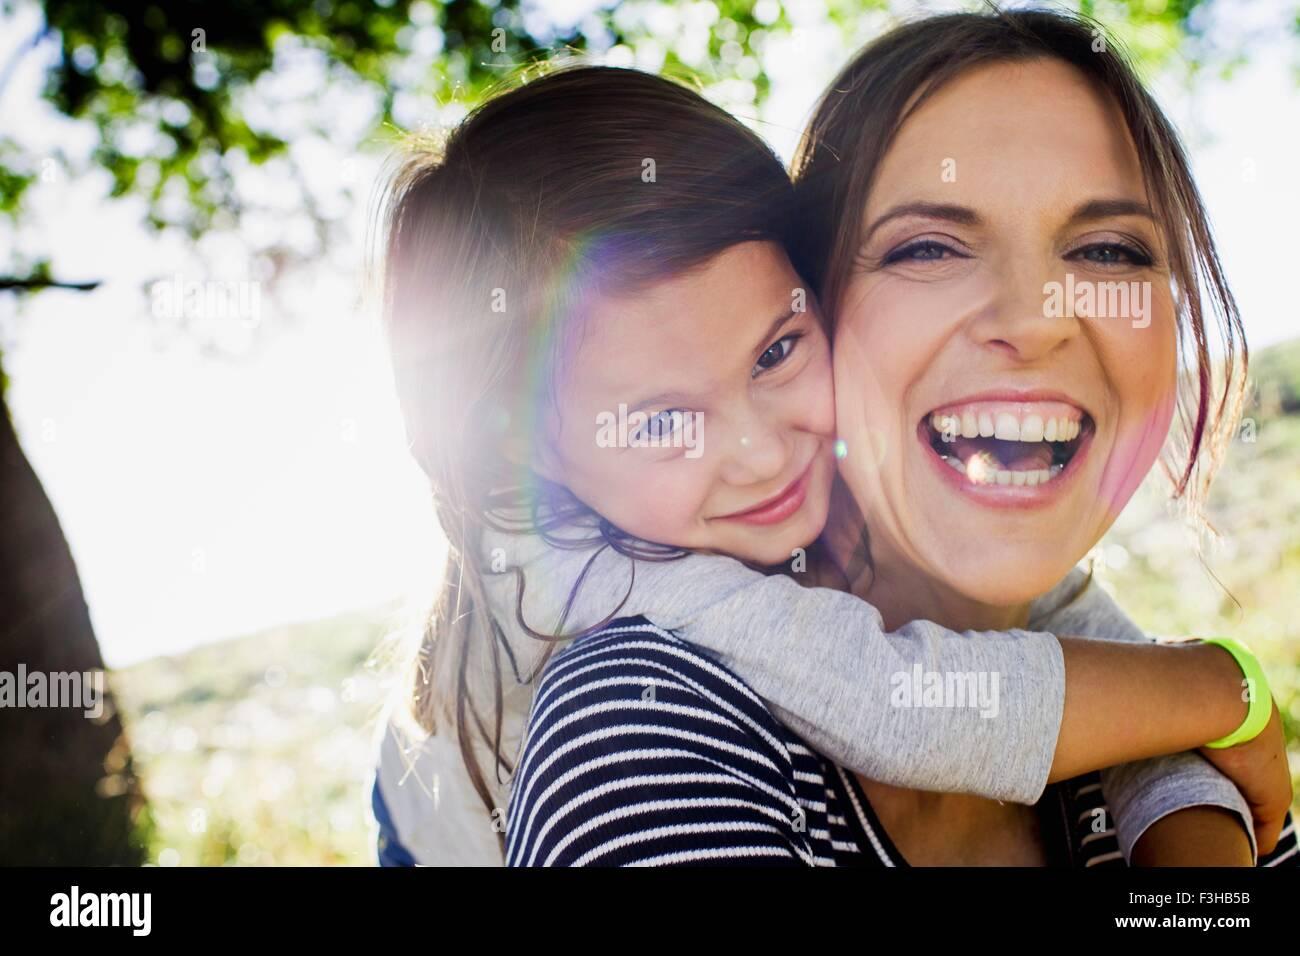 Retrato de mujer madura dando hija piggy back en parque iluminado Imagen De Stock